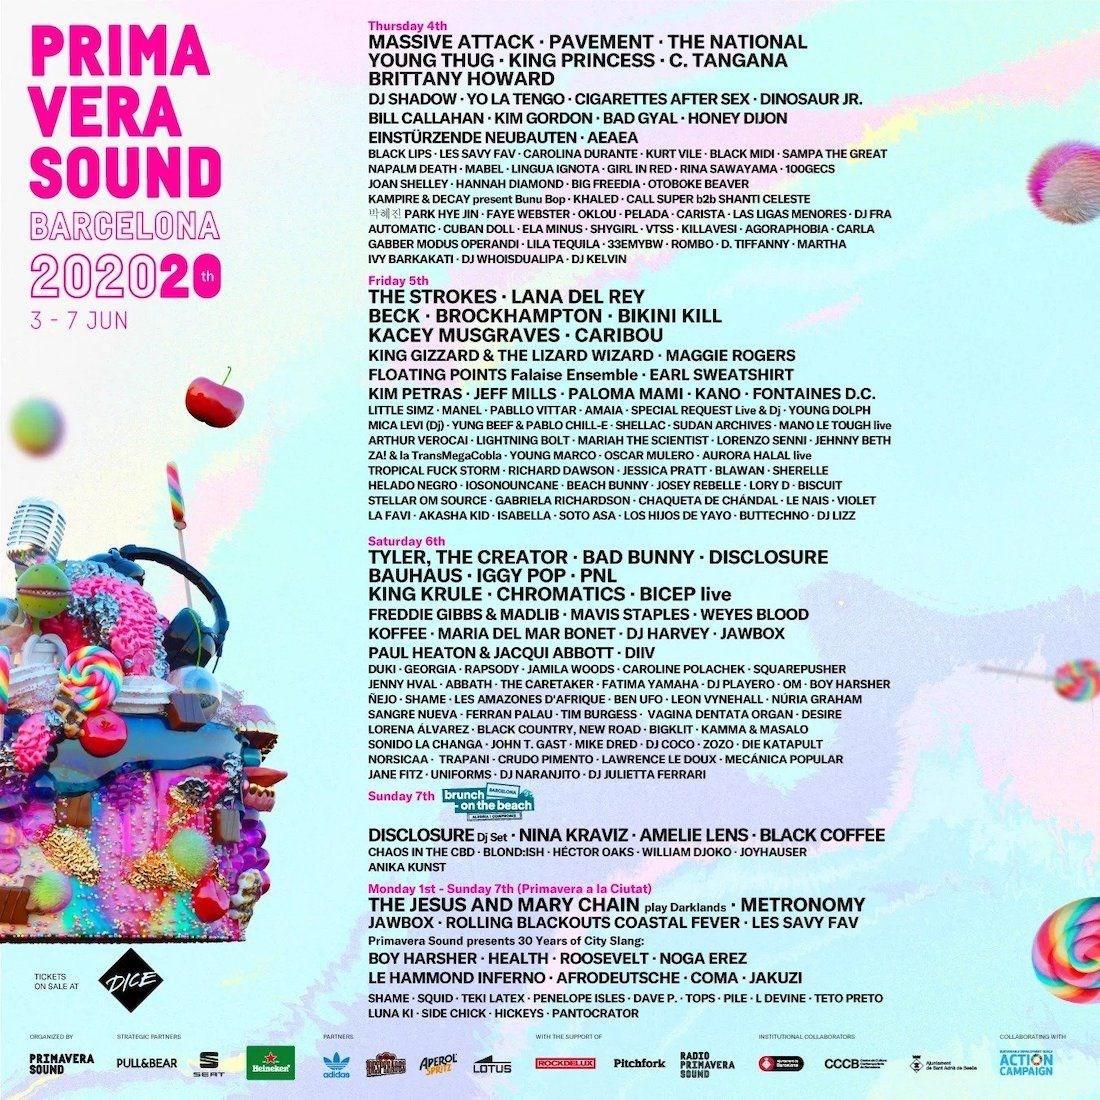 Primavera Sound · Del 3 al 7 de juny